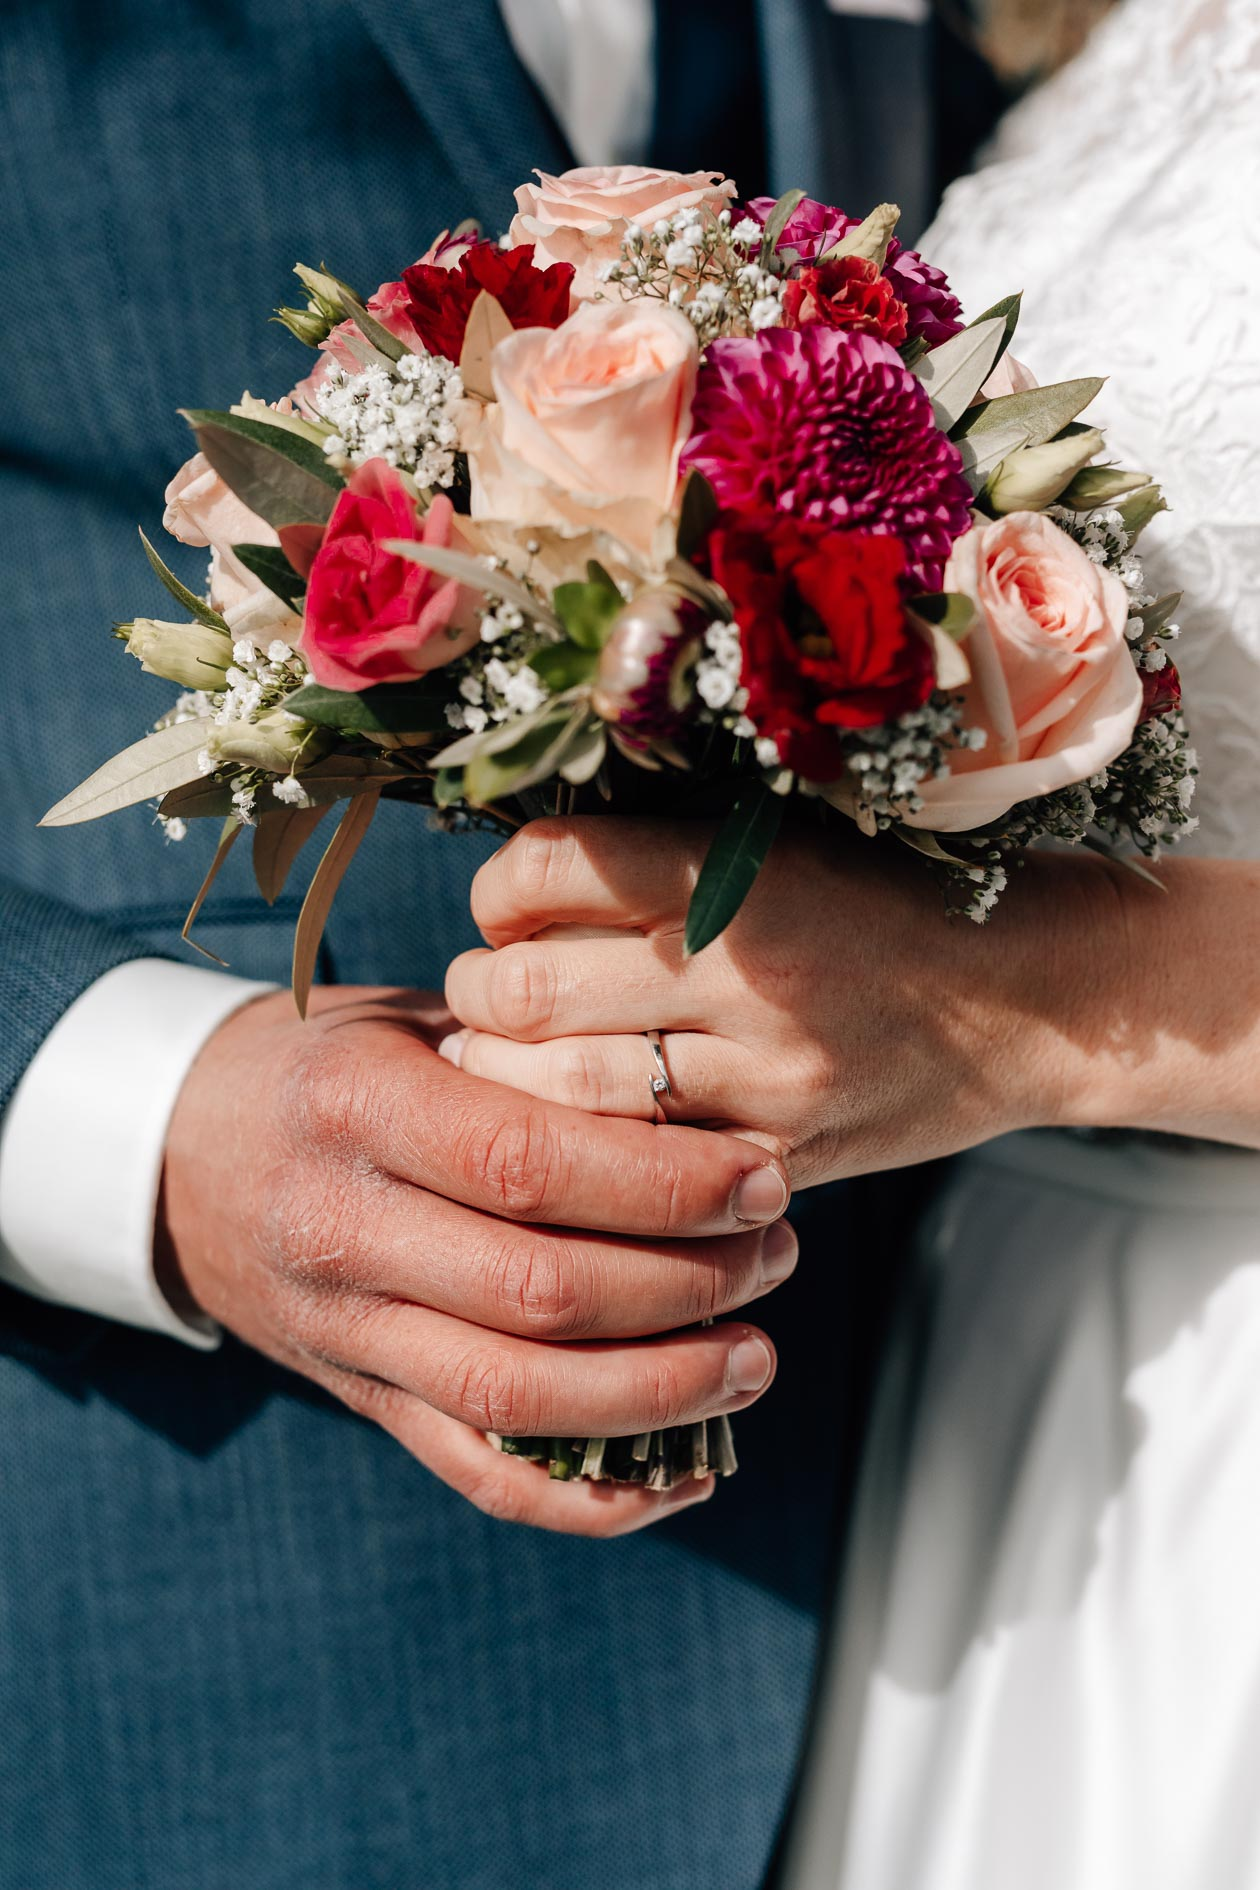 Bilder vom Brautpaar Kirchenreportage Pittenhart Die Lichtzeichnerin Simone Lerner Fotografie 58